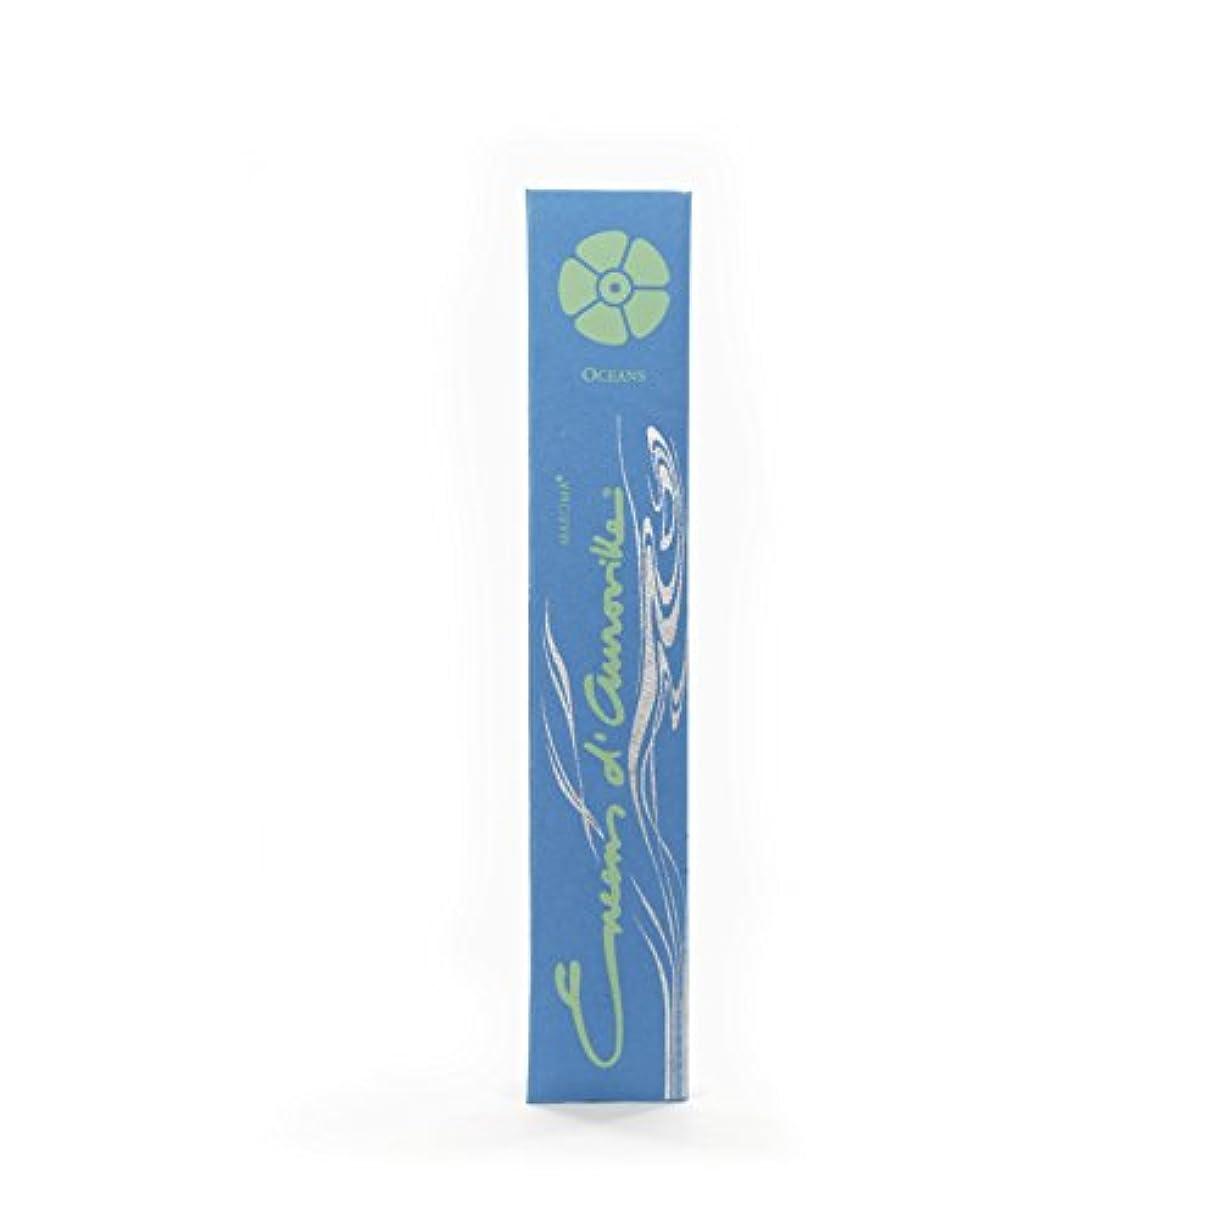 魅力的であることへのアピールお気に入り土Maroma自然Incense Encens d 'auroville Oceans 10 Sticks